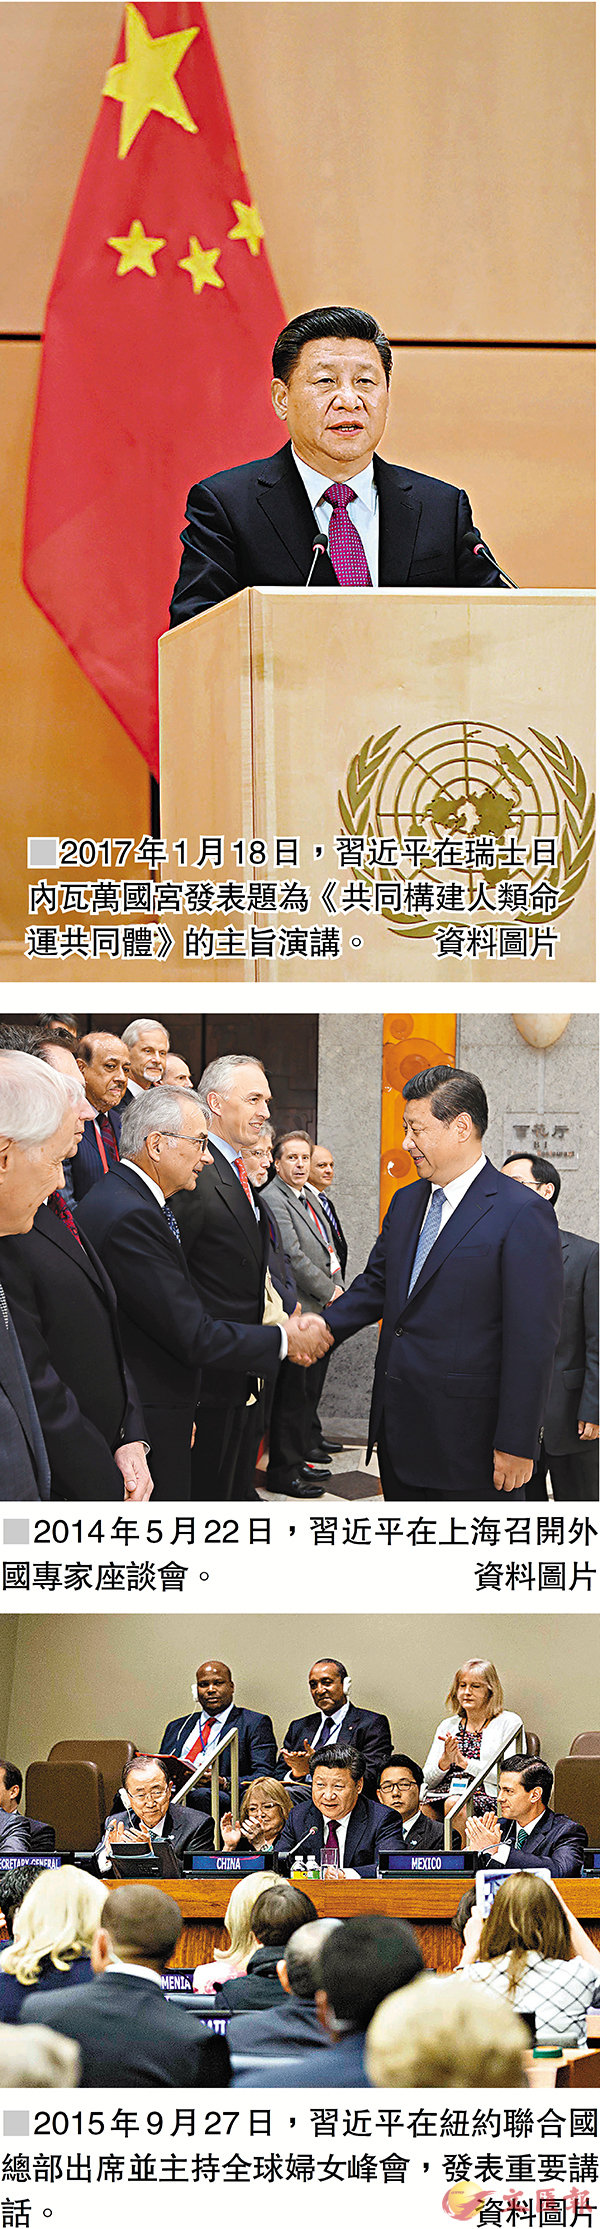 習近平把中國帶到新歷史起點 (圖)